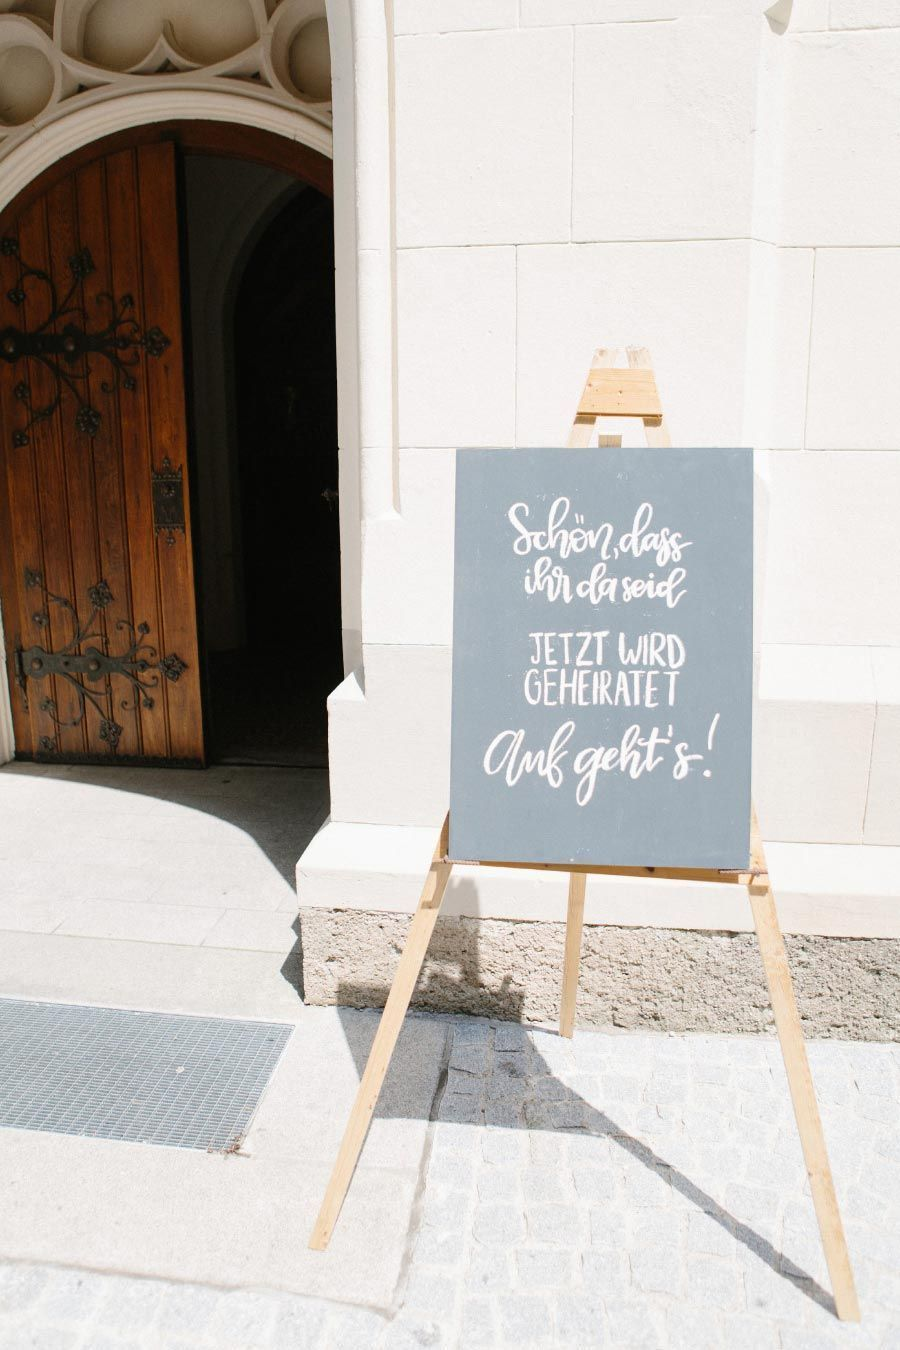 Hochzeitsideen Vor Der Kirche Valentinstag Hashtags Fotobox Ideen Hochz Der Fo In 2020 Kirchen Deko Hochzeit Gastgeschenke Hochzeit Kirchendeko Hochzeit